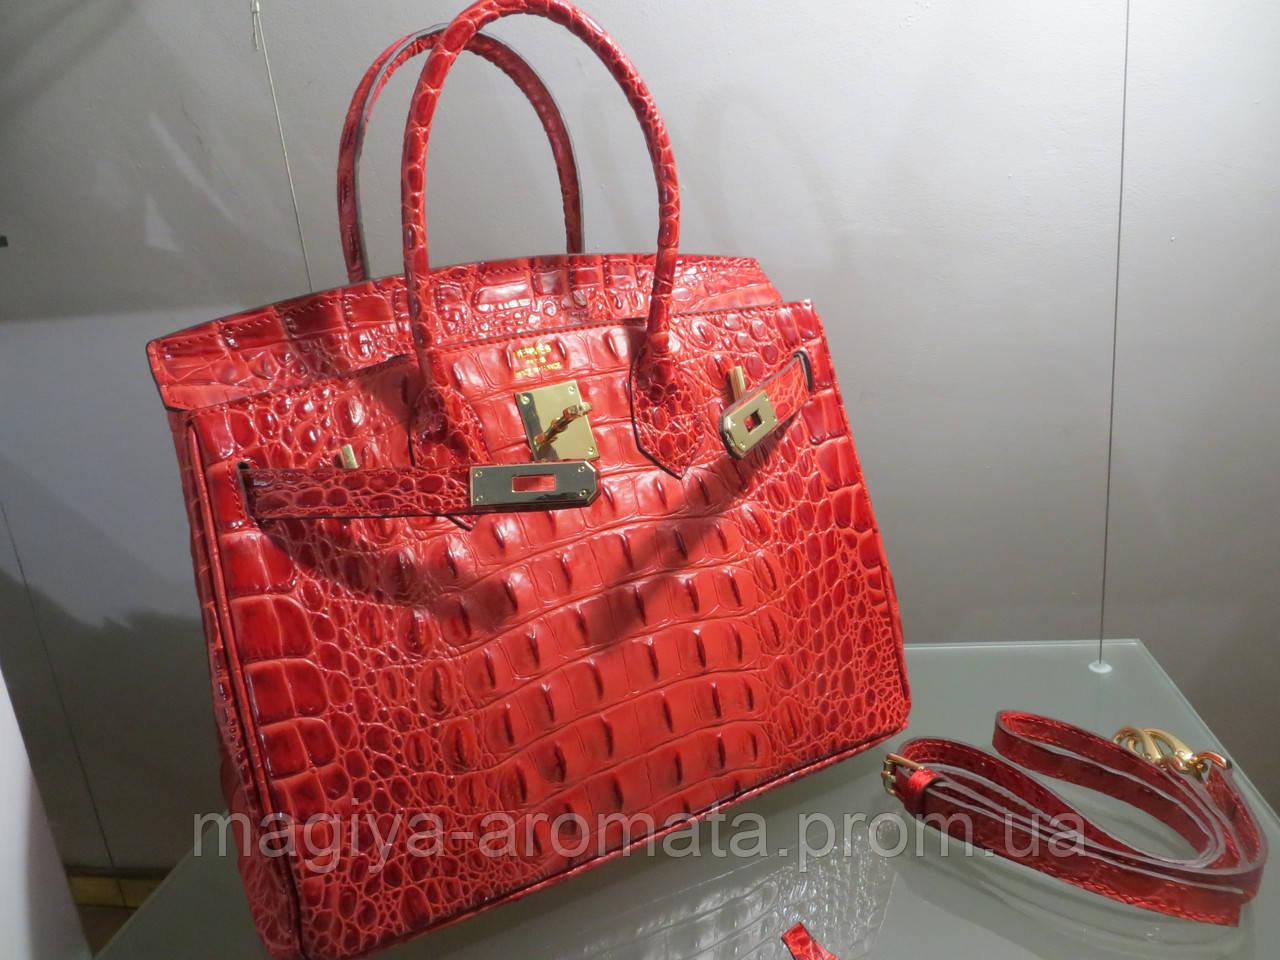 35951048ee65 Женская сумка от Hermes КРАСНО БОРДОВАЯ КРОКО 30 см Original quality, цена  9 765 грн., купить в Киеве — Prom.ua (ID#890103734)